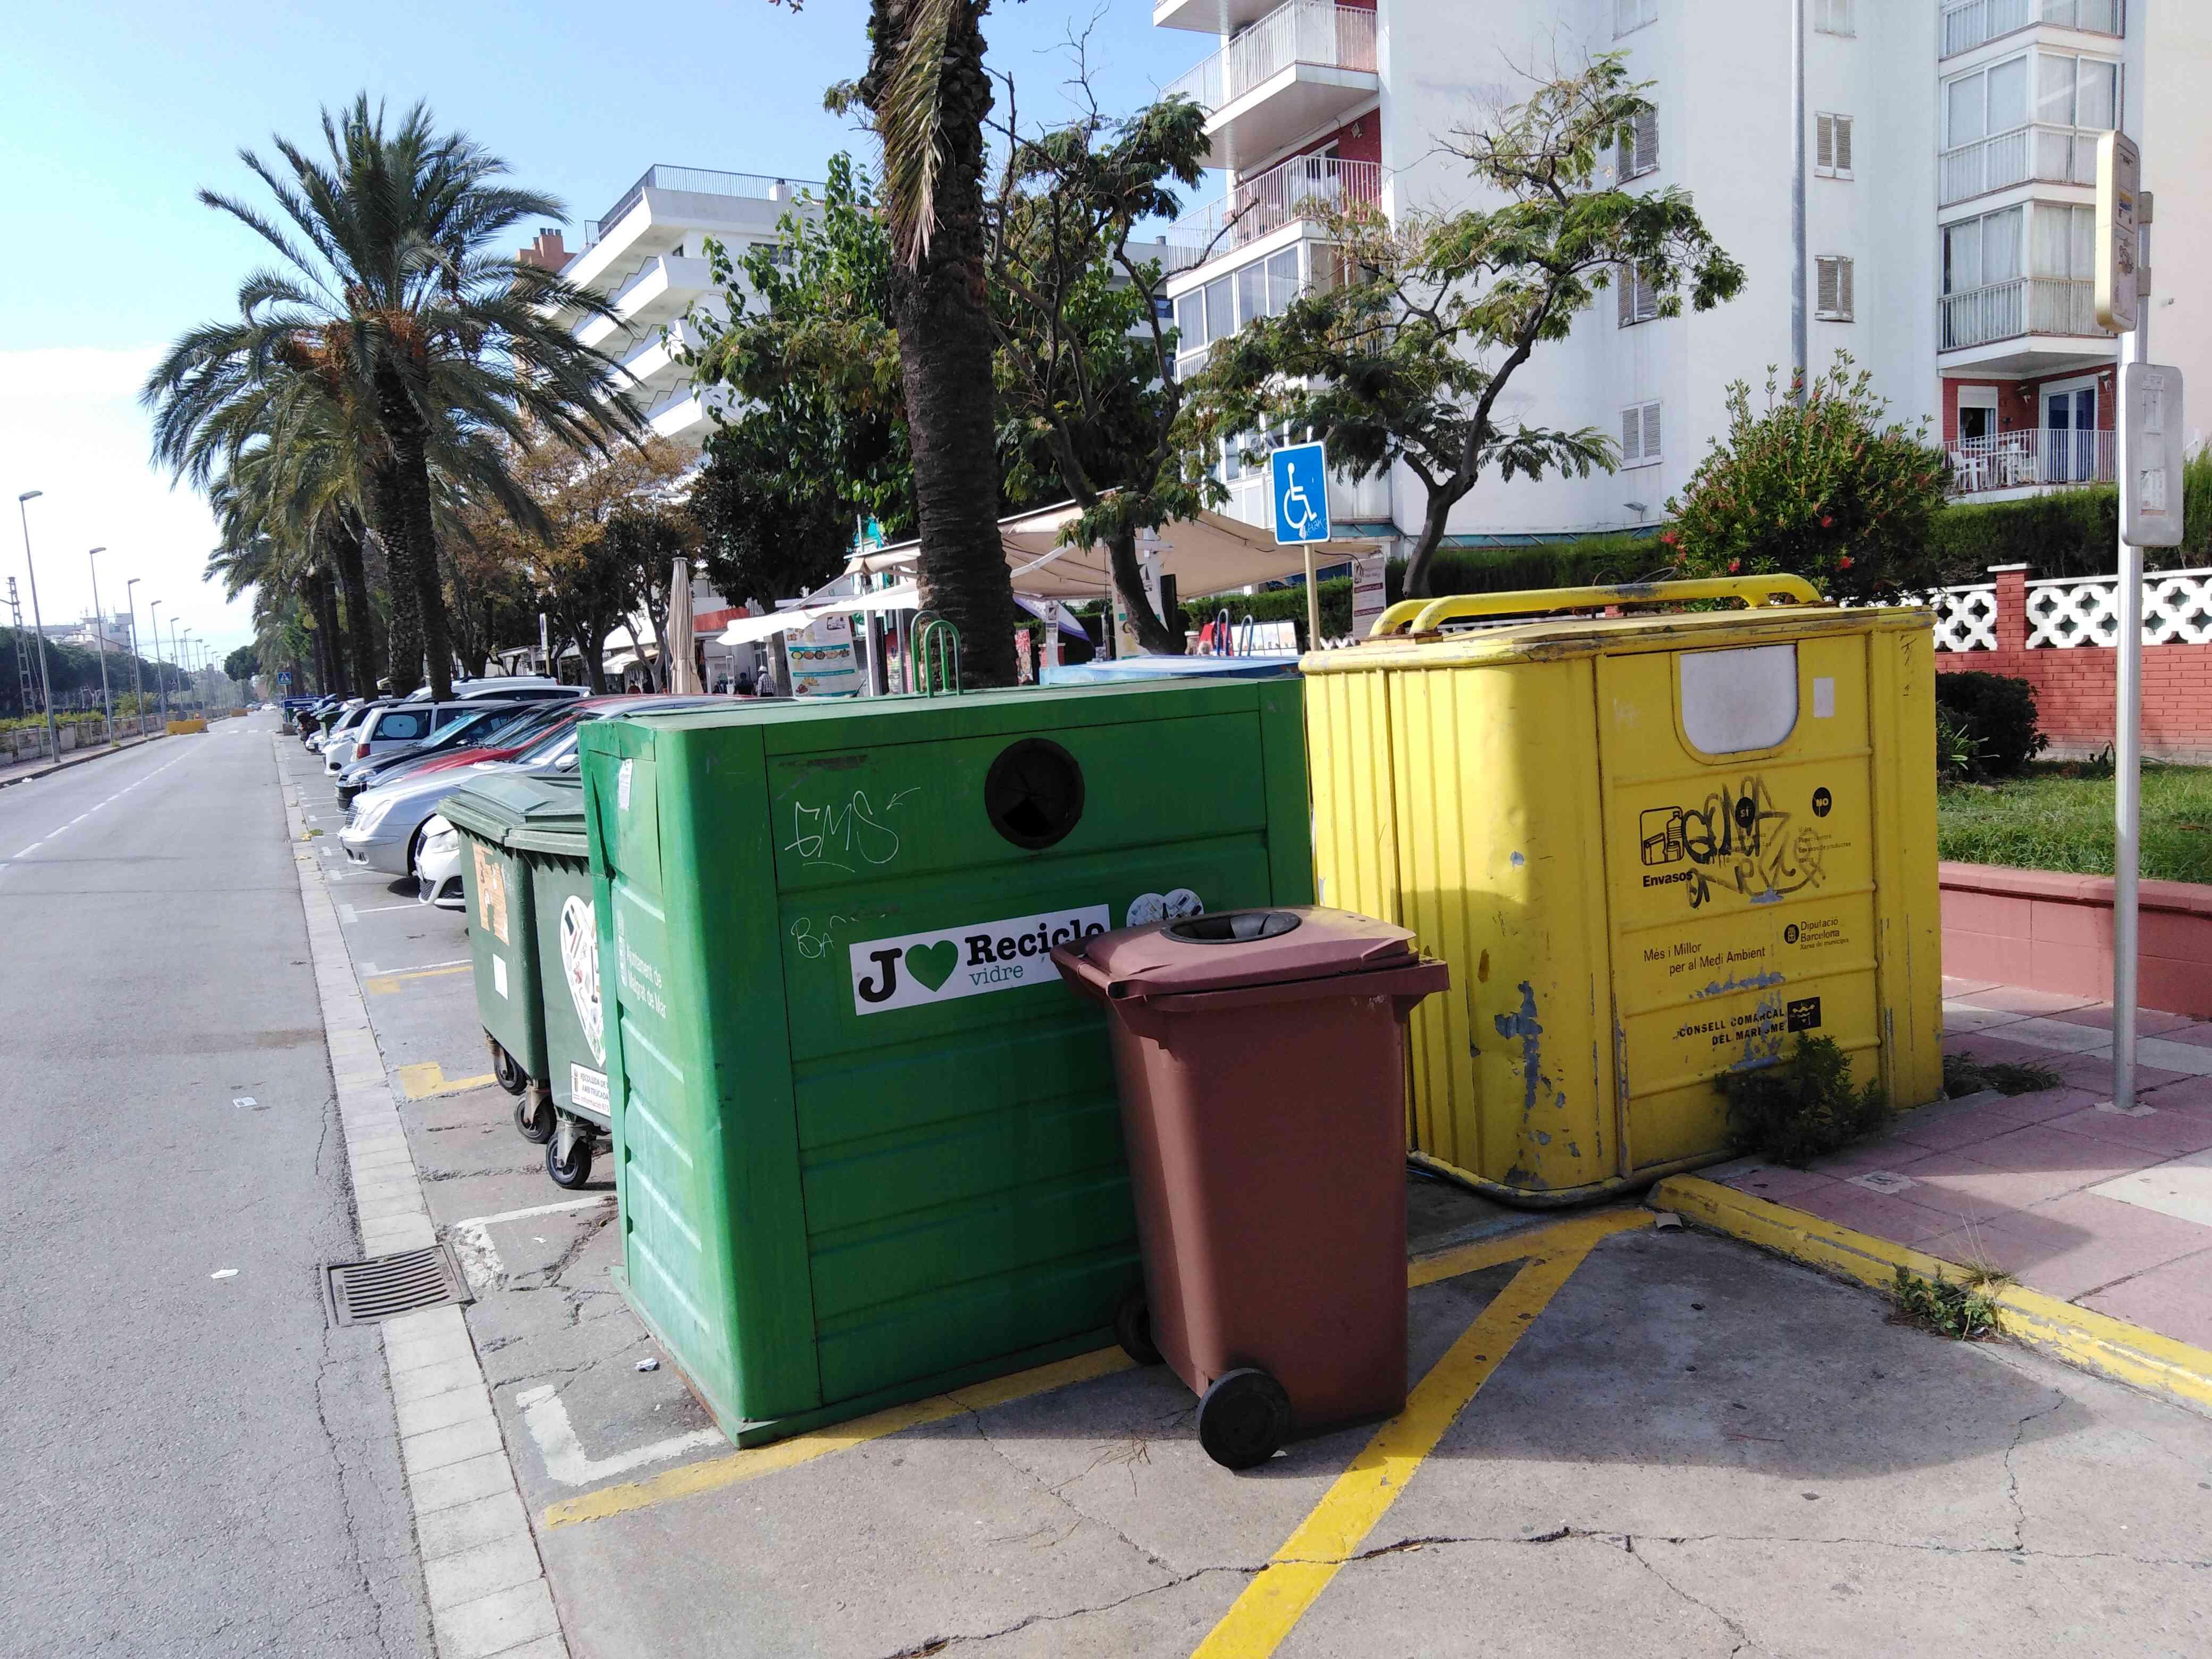 zbiorka odpadow katalonia - Zbiórka odpadów w Hiszpanii